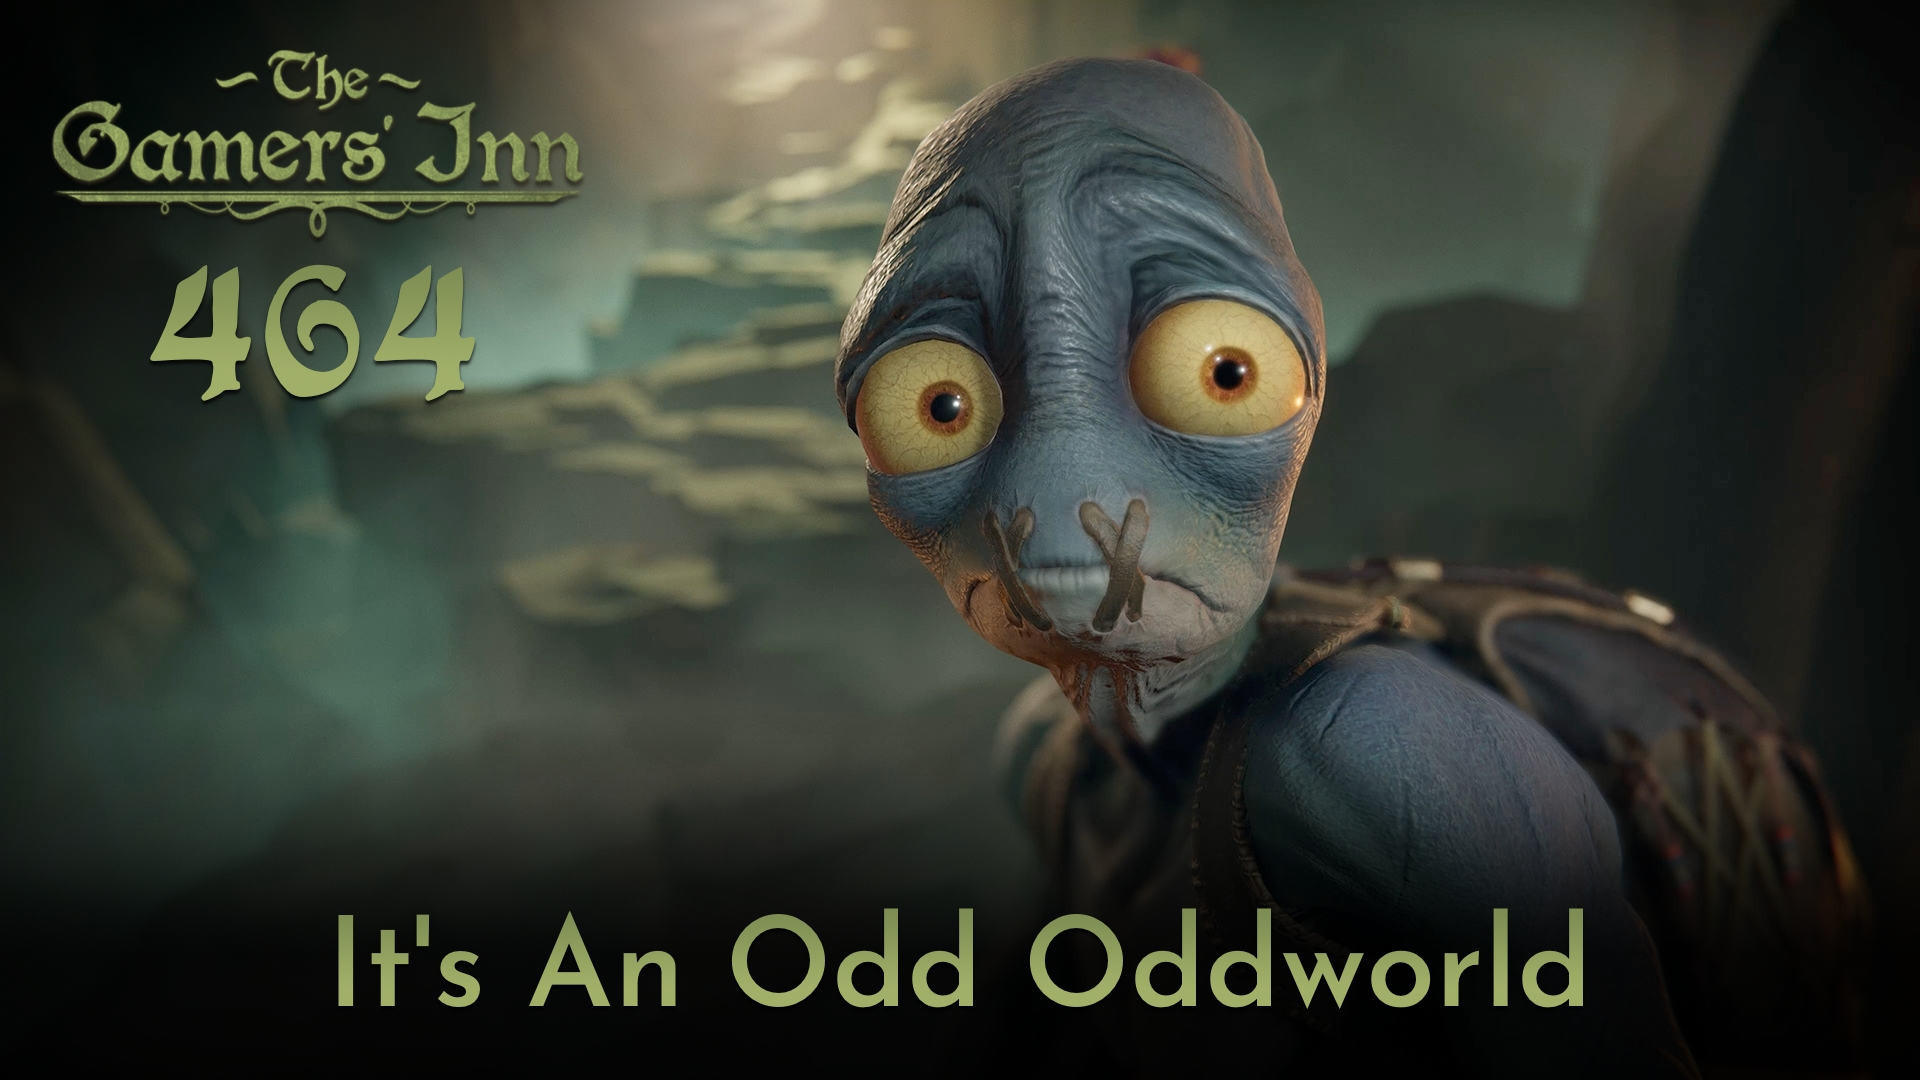 TGI 464 - It's An Odd Oddworld